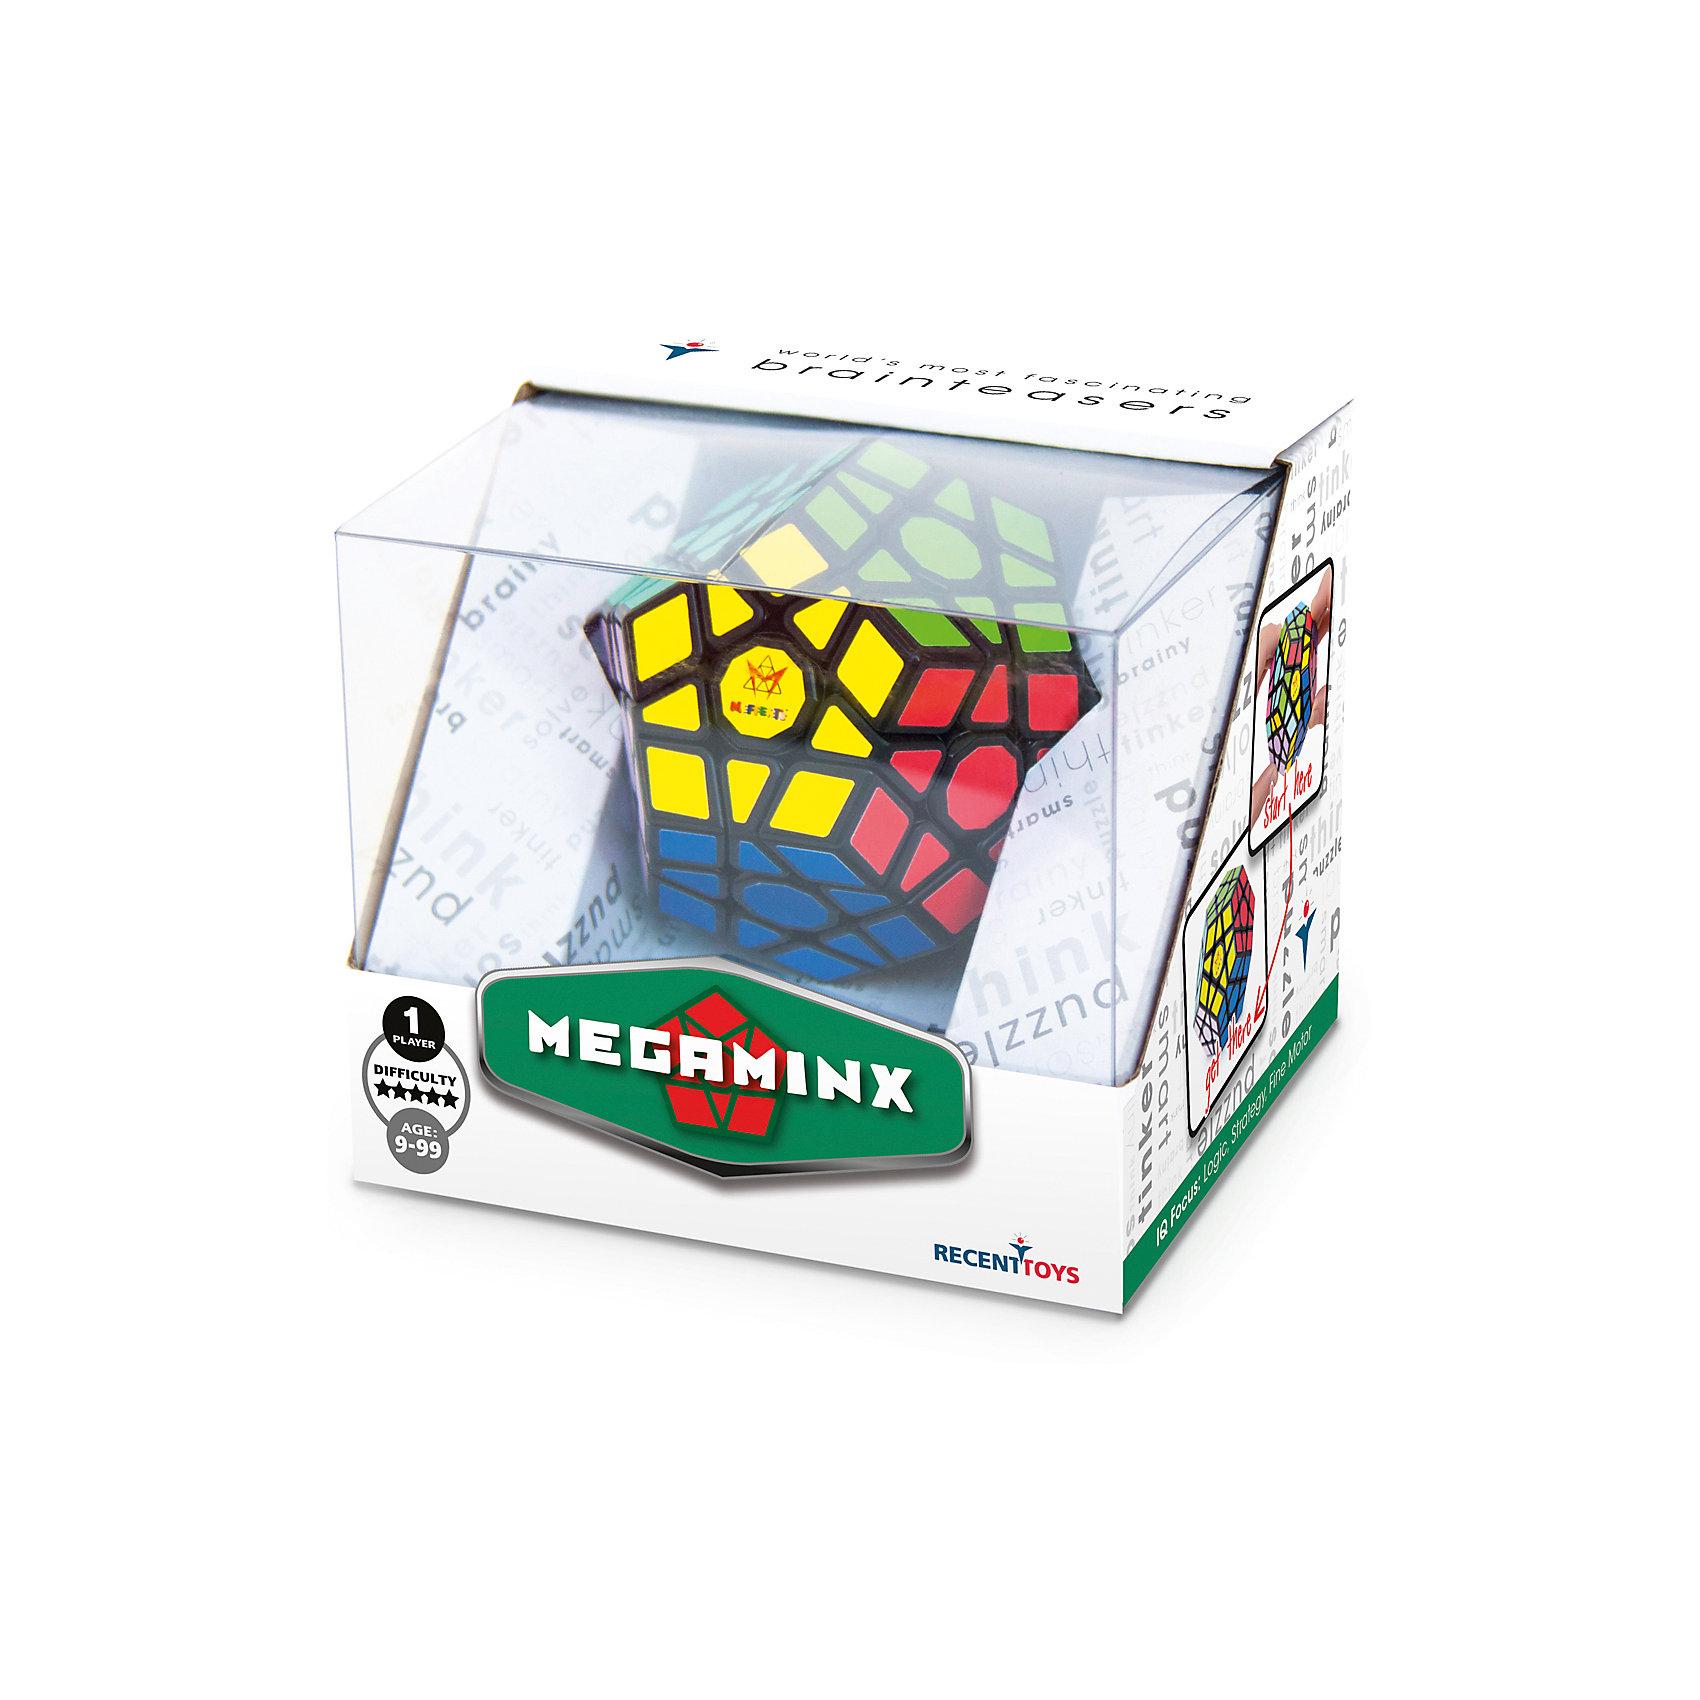 Головоломка Mefferts МегаминксОбъёмные головоломки<br>Новинка 2017.   Оригинальный Мегаминкс от Mefferts — головоломка в форме додекаэдра, которой есть чем удивить: на ее поверхности 62 элемента, из которых 50 подвижных  (у обычного кубика Рубика подвижно всего 20 элементов!); у нее 12 цветных сторон в форме пятиугольника, каждая из которых крутится вокруг своего центра.       Мегаминкс выглядит гораздо сложнее кубика Рубика, и действительно, эта головоломка способна принимать в миллиарды раз большее количество возможных сочетаний (примерно 1063 против 1019 у кубика Рубика). Однако, собрать Мегаминкс ненамного сложнее, чем стандартный кубик Рубика 3x3. Причина в том, что структура каждой пятиугольной грани головоломки во многом аналогична квадратным граням куба. В головоломке нет частей, которые бы не имели аналога в кубике Рубика. По-этому большинство техник и алгоритмов, применяемых для решения кубика 3х3, могут быть адаптированы и успешно применены к решению этого додекаэдра. Для человека, уже знакомого с классическим кубиком Рубика 3x3x3, Мегаминкс станет достойным вариантом перехода к головоломкам следующего уровня сложности.        Mefferts - фирма, которая первая разработала и запатентовала Мегаминкс. Головоломки от Mefferts являются основой и украшением любой коллекции механических головоломок, так как признаны во всем мире как классические. В Мегаминксе качество как всегда на высоте, ведь владелец компании Uwe Meffert - представитель старой школы, основательный человек немецкого происхождения, для которого качество изделий, носящих его имя, важнее всего.       Этот Megaminx справедливо заи?мет видное место в коллекции самого взыскательного поклонника головоломок!     Мегаминкс собирают на соревнованиях по скоростной сборке. Рекорд мира - чуть больше 30 секунд, а у кубика Рубика - менее 5 секунд!<br><br>Ширина мм: 100<br>Глубина мм: 120<br>Высота мм: 105<br>Вес г: 280<br>Возраст от месяцев: 108<br>Возраст до месяцев: 2147483647<br>Пол: Унисекс<br>Возраст: Де